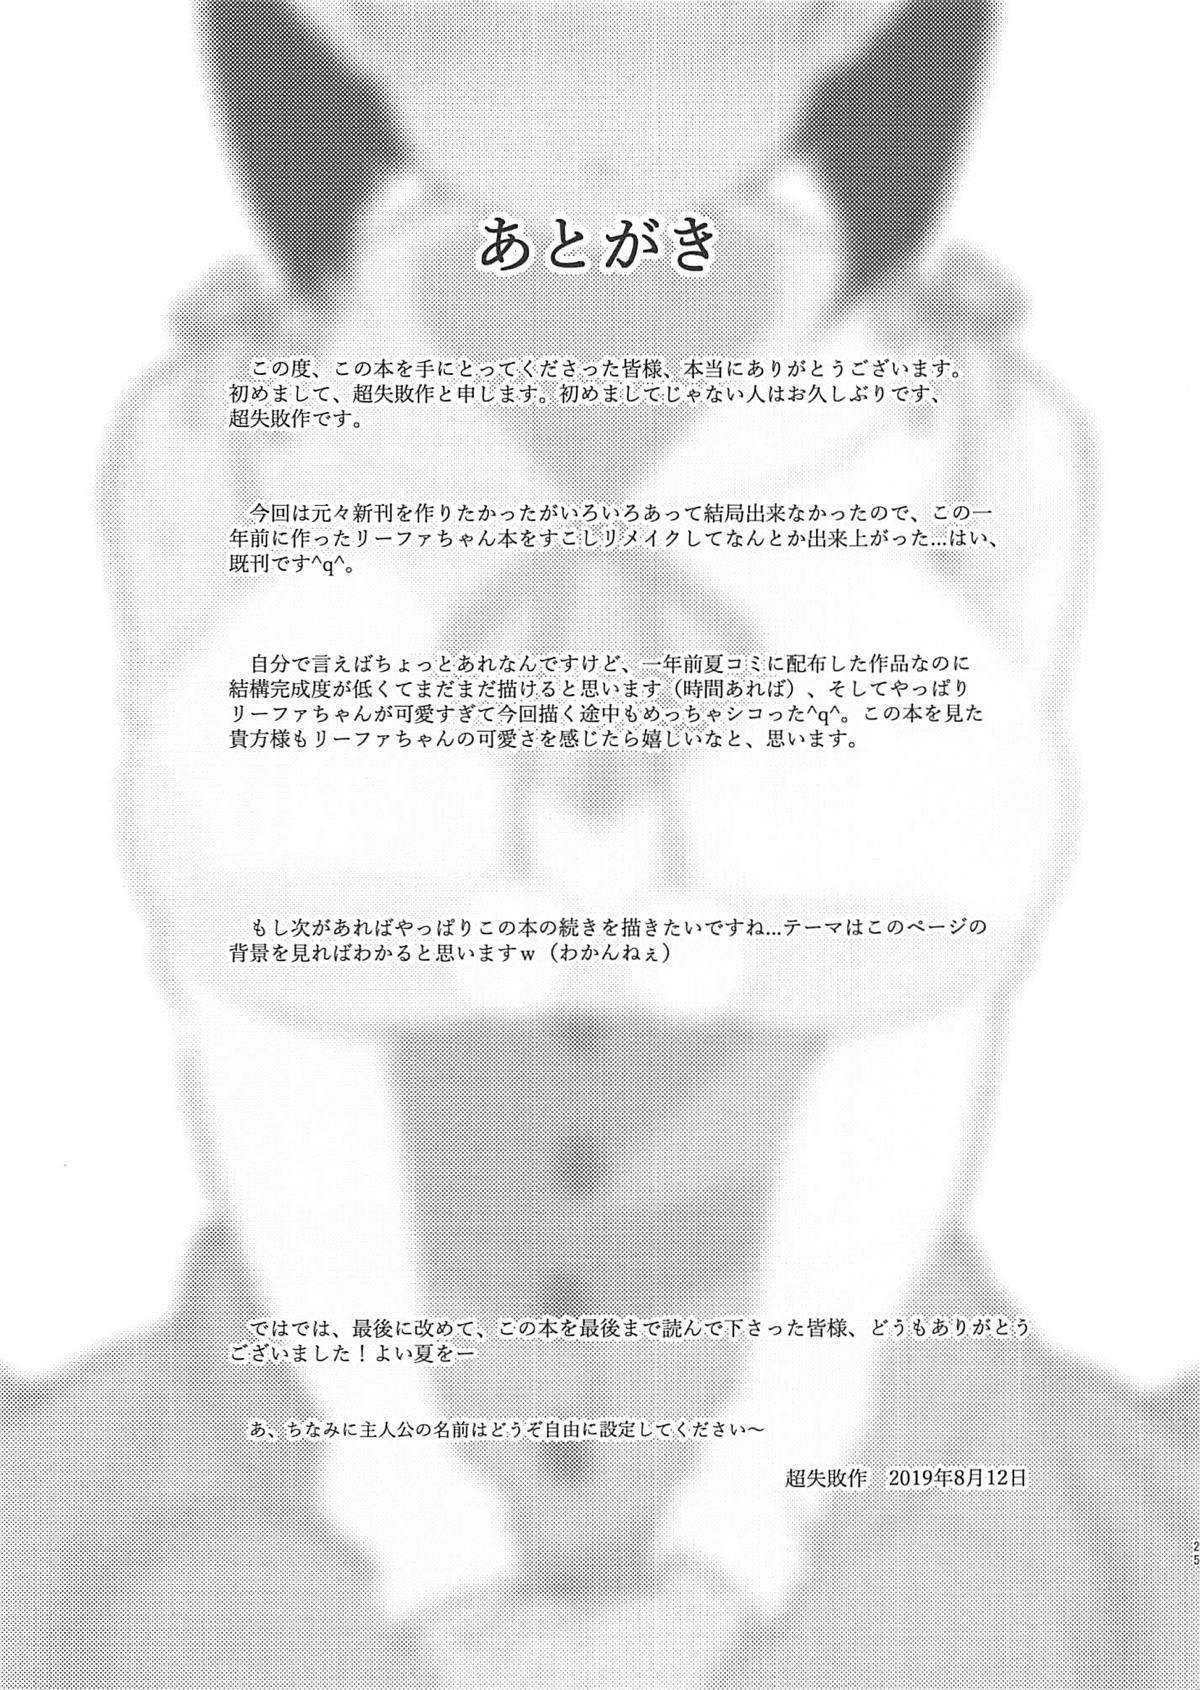 Leafa-chan to Ichaicha SEX 1R 23